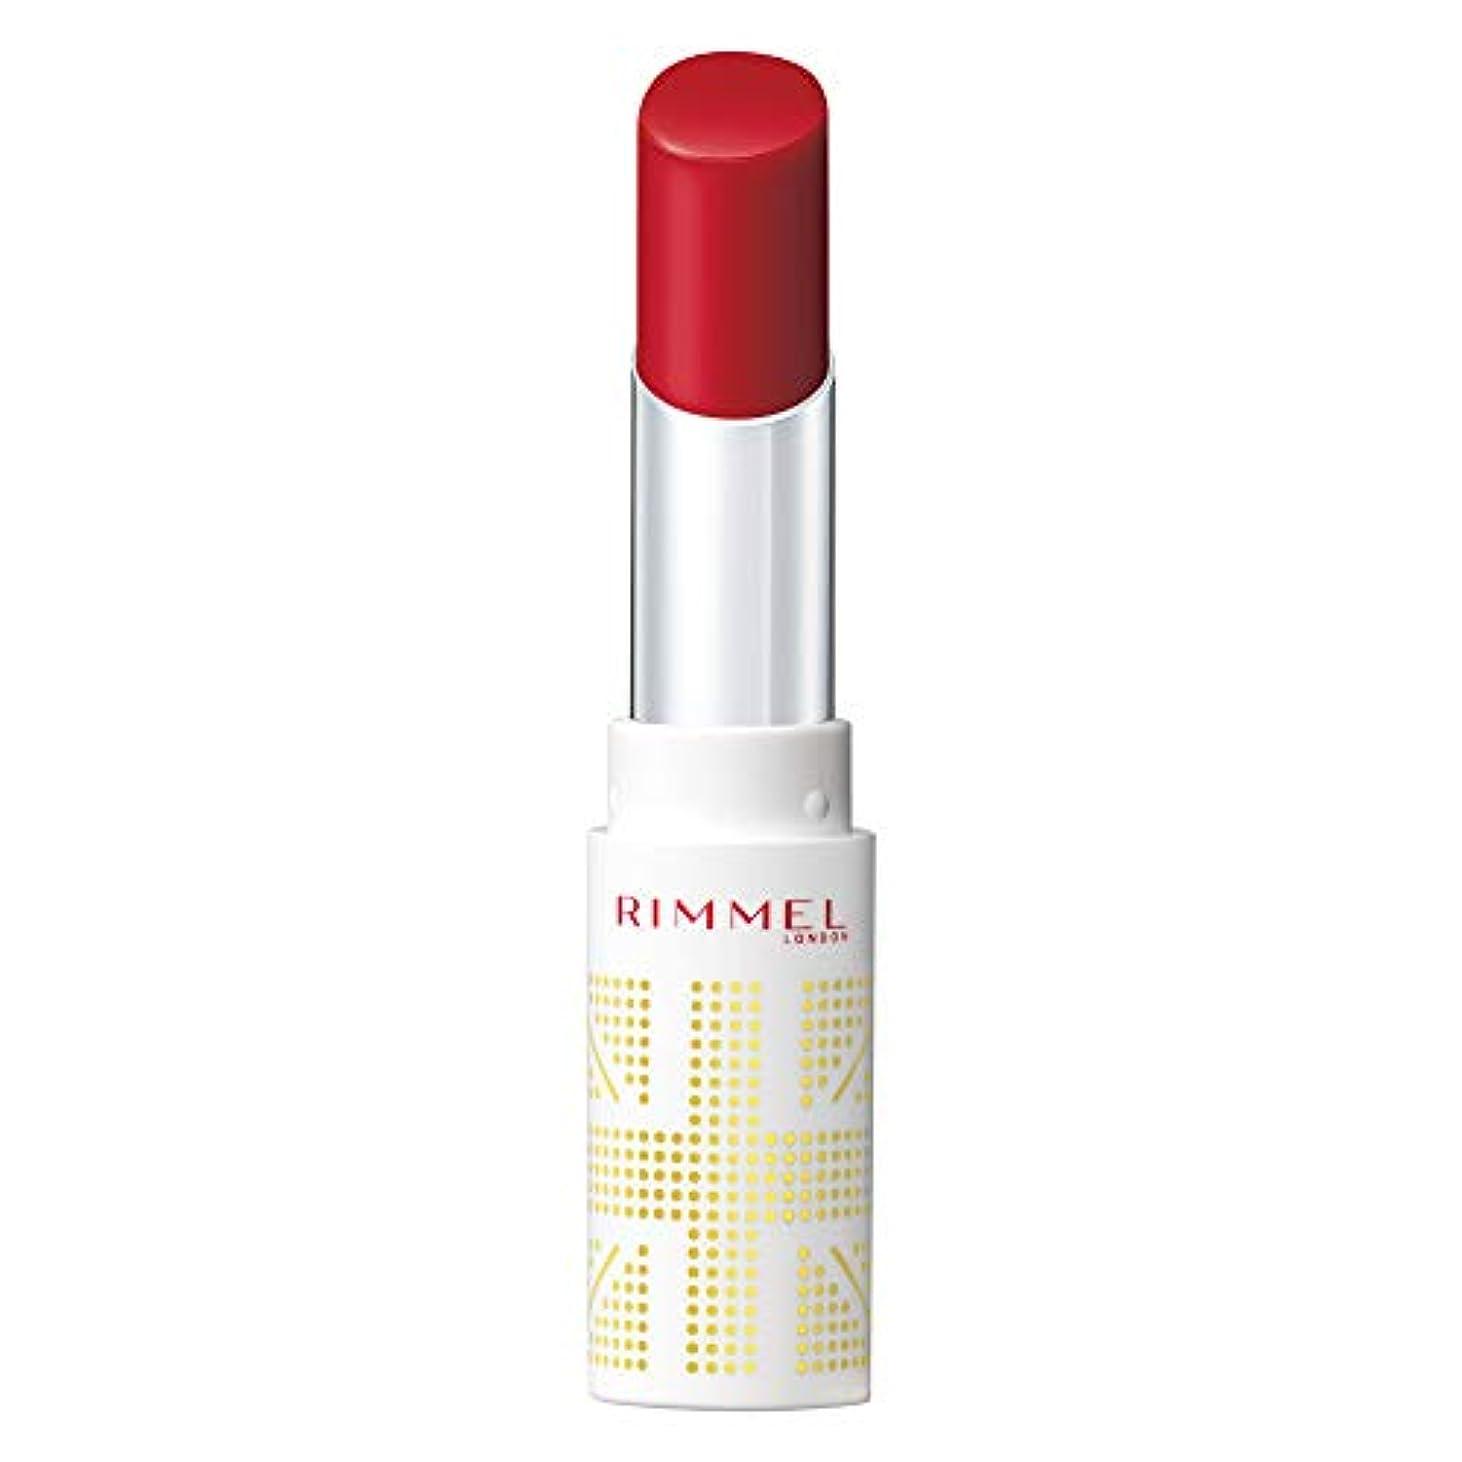 窓シャイニングマントルRimmel (リンメル) リンメル ラスティングフィニッシュ オイルティントリップ 003 クラシカルレッド 3.8g 口紅